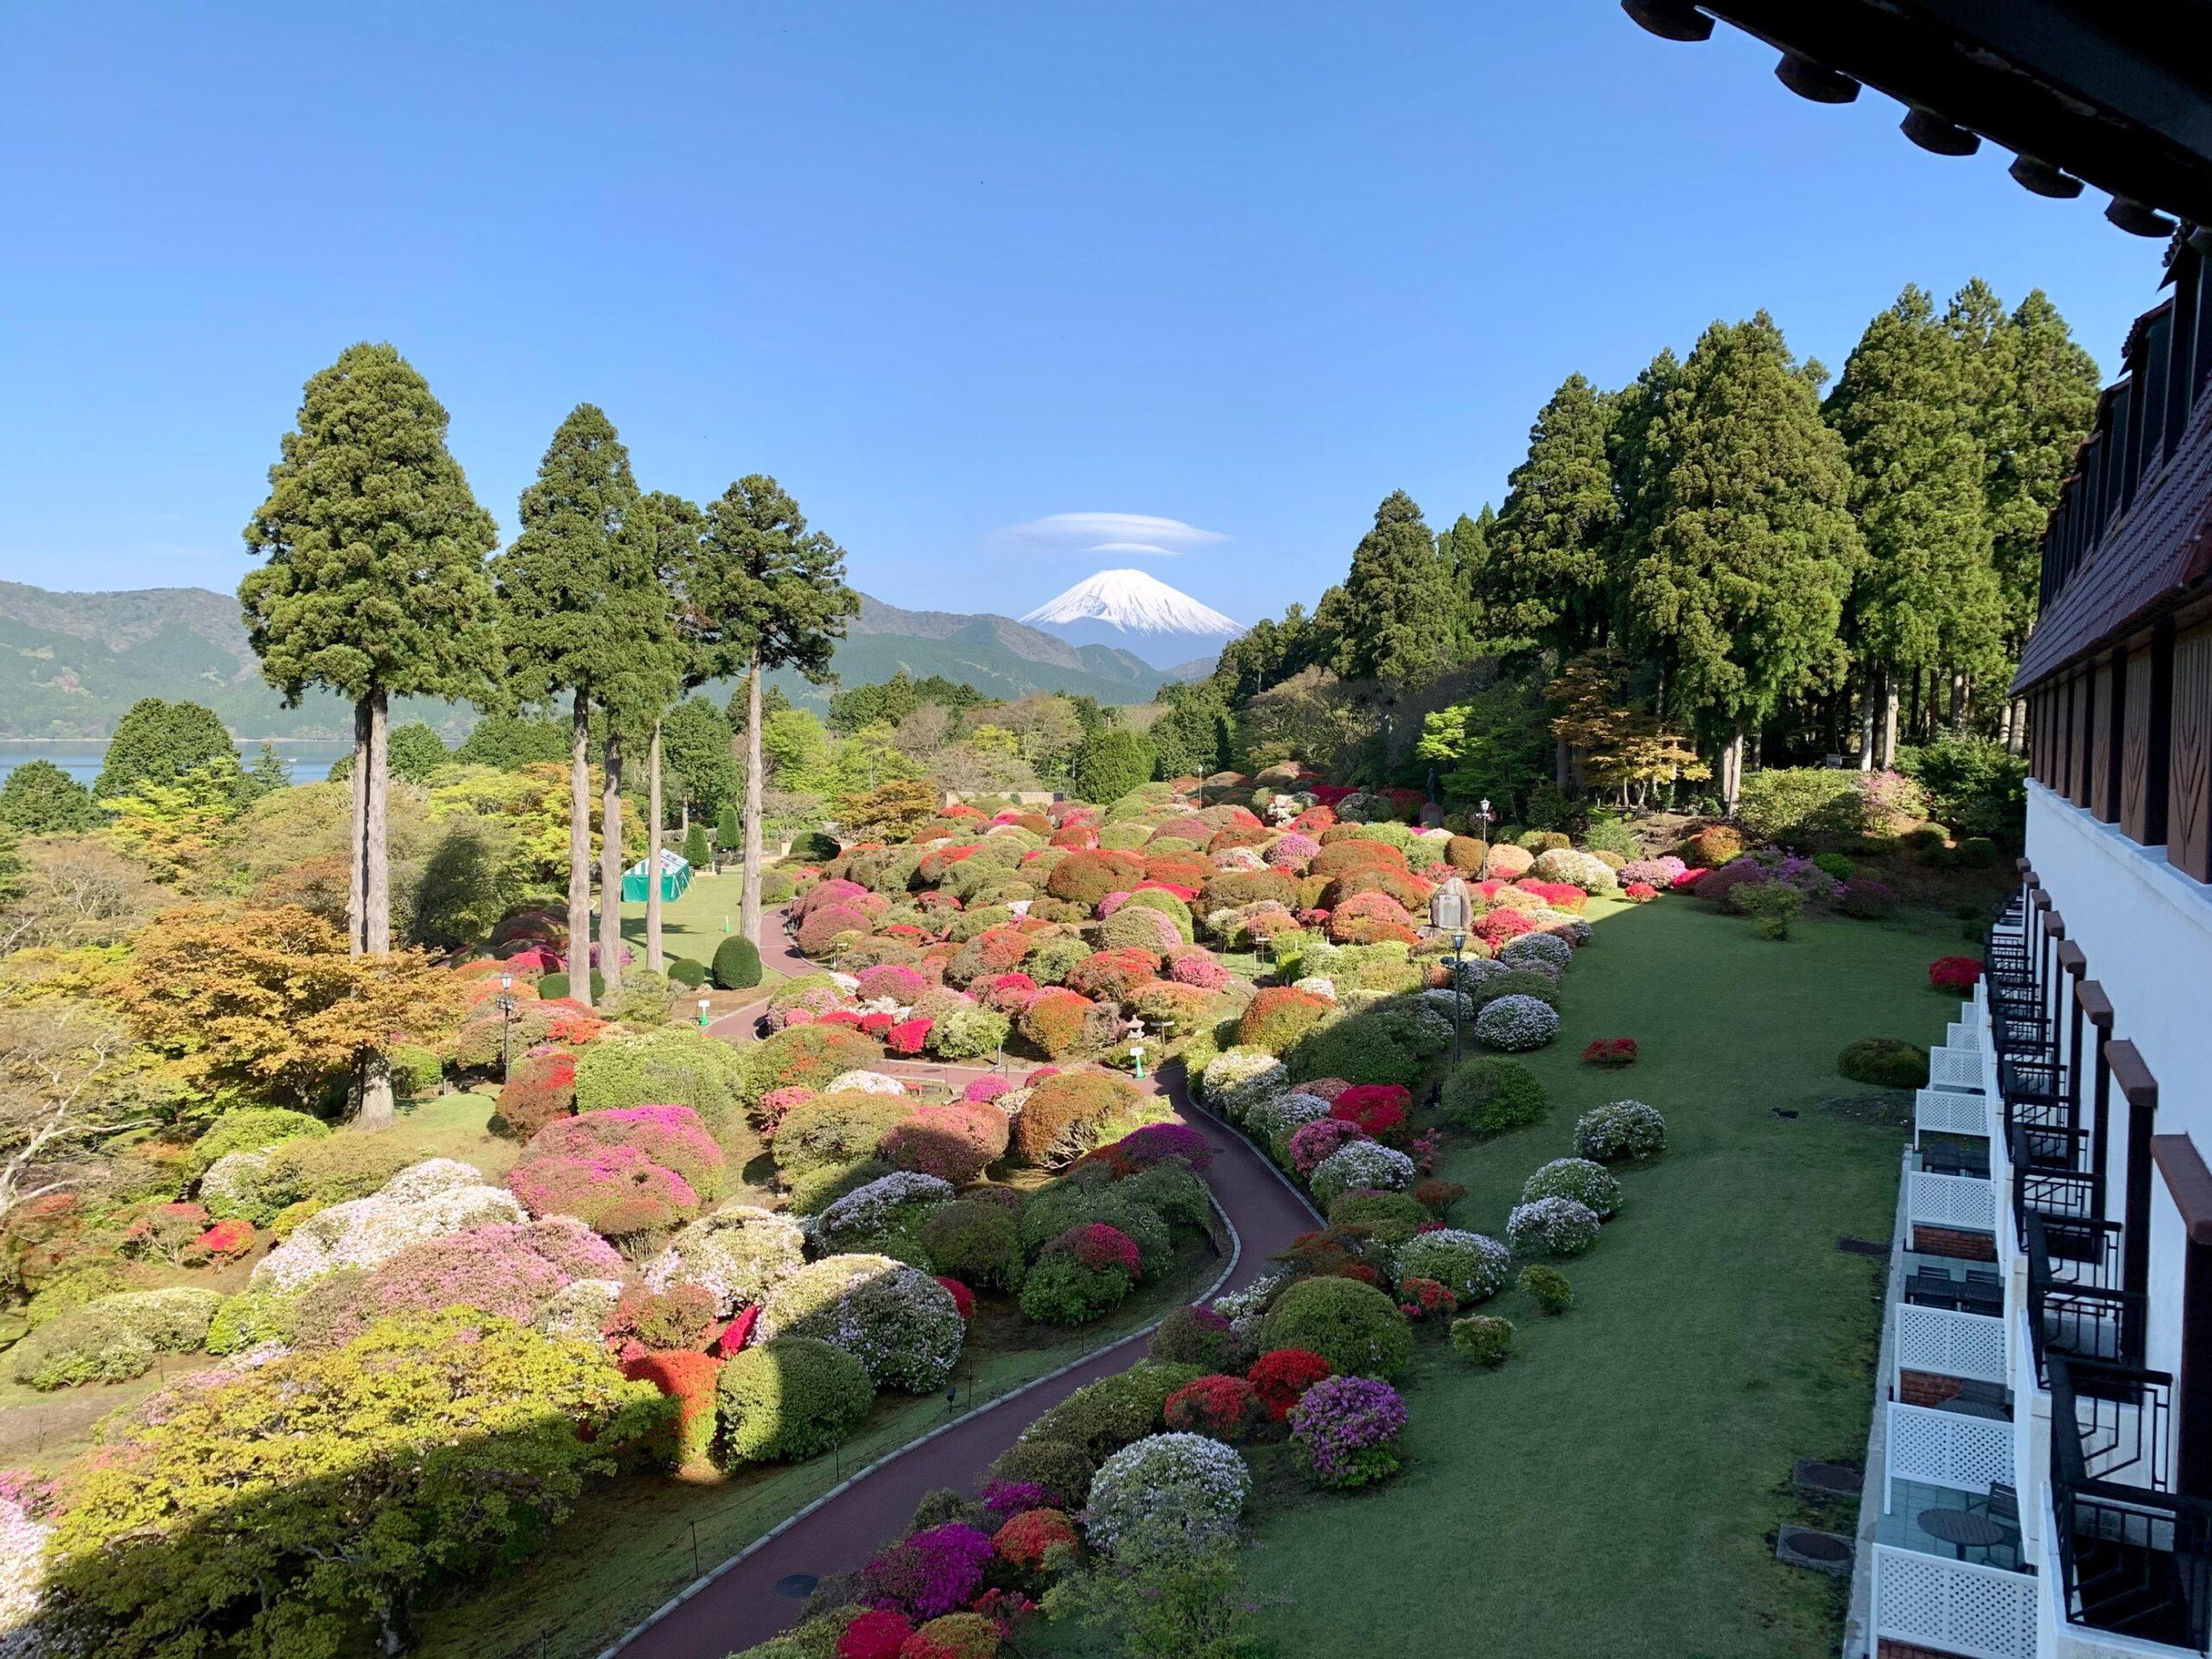 箱根・小田急 山のホテルのツツジ庭園は現在5分咲き(2021/5/01) 「つつじ・しゃくなげフェア2021」開催中